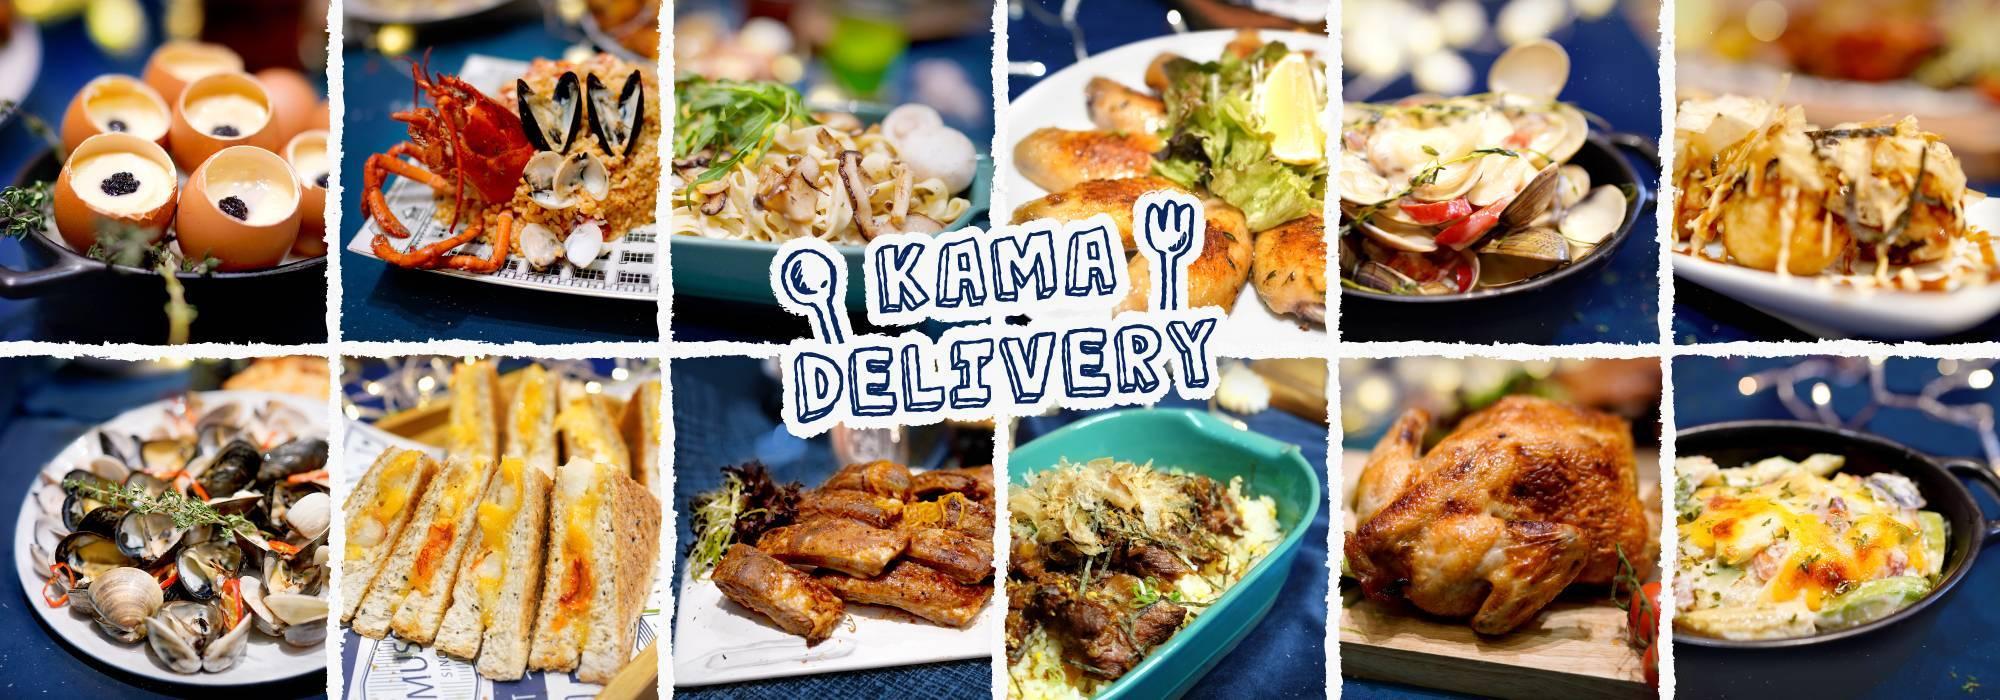 到會餐單全面睇 Party食物外賣任你揀|Kama Delivery Catering西式美食到會外賣餐飲服務